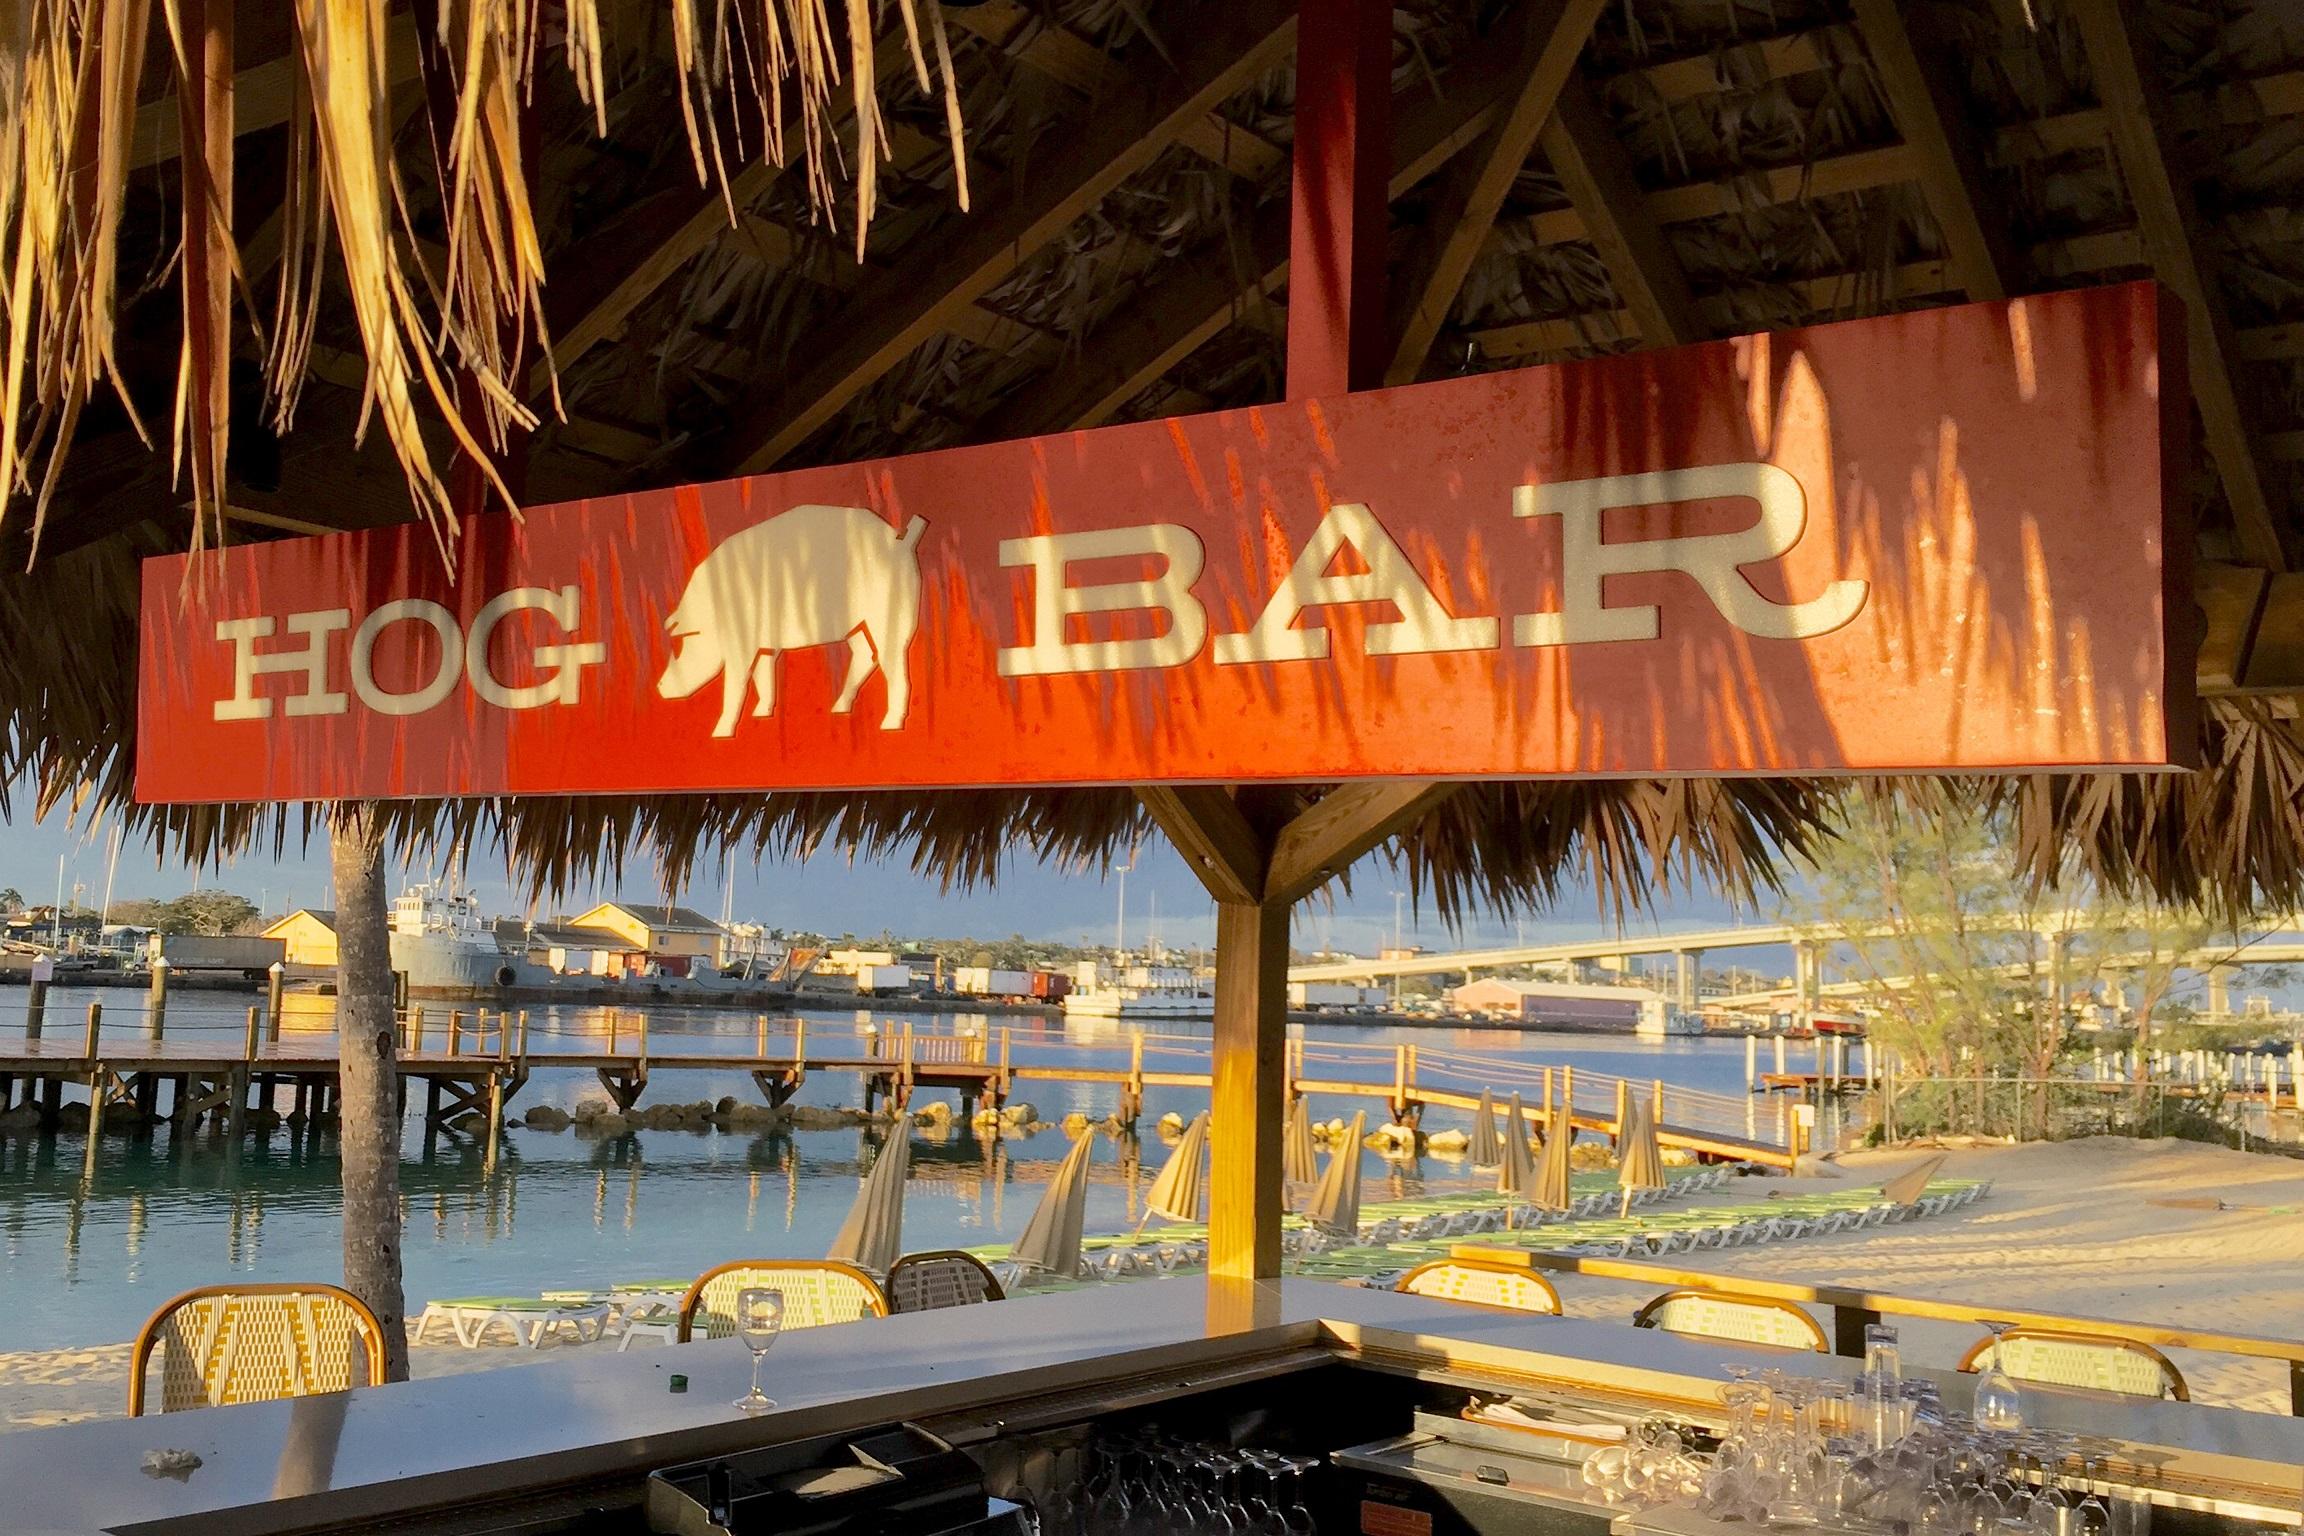 WPIB Hog Bar sign edited